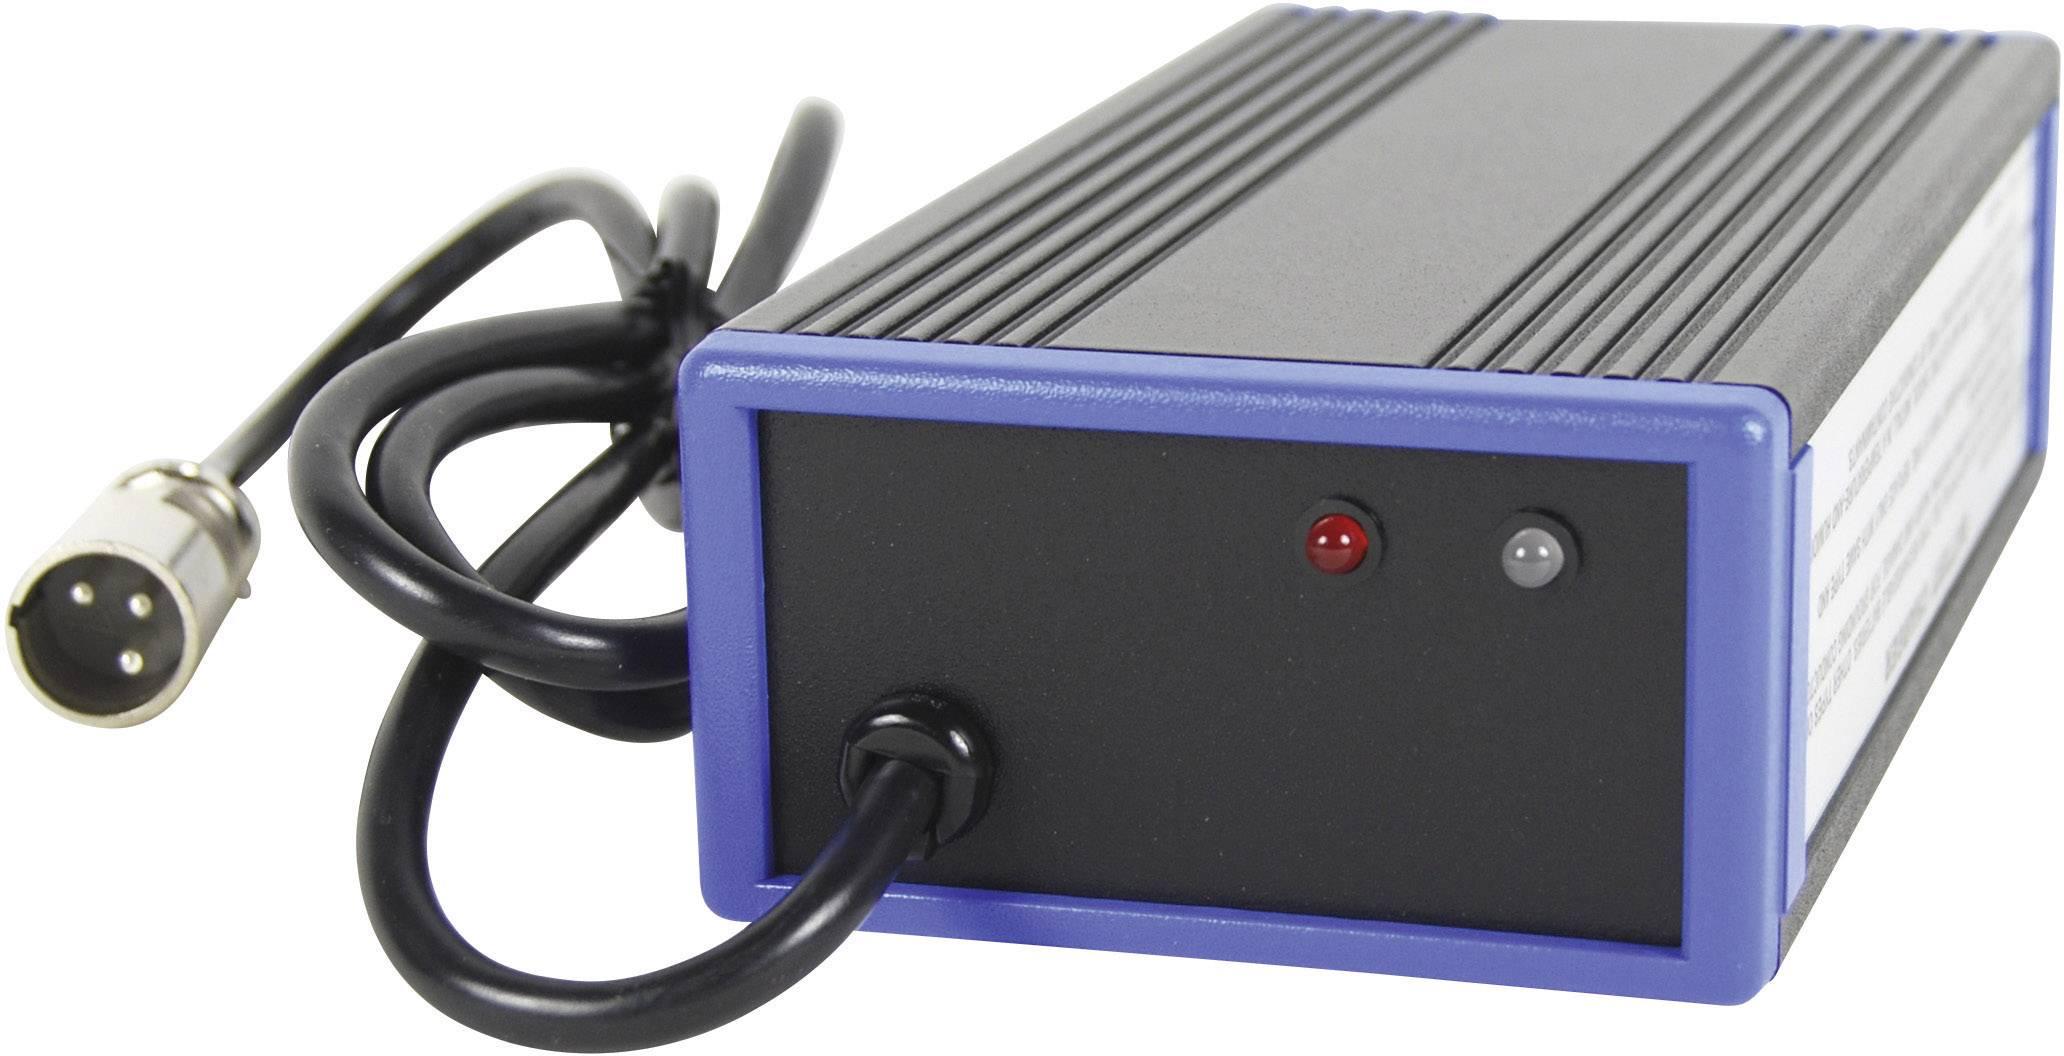 Nabíječka olověných akumulátorů CTE 4C24040A, 24 V, 4 A, XLR